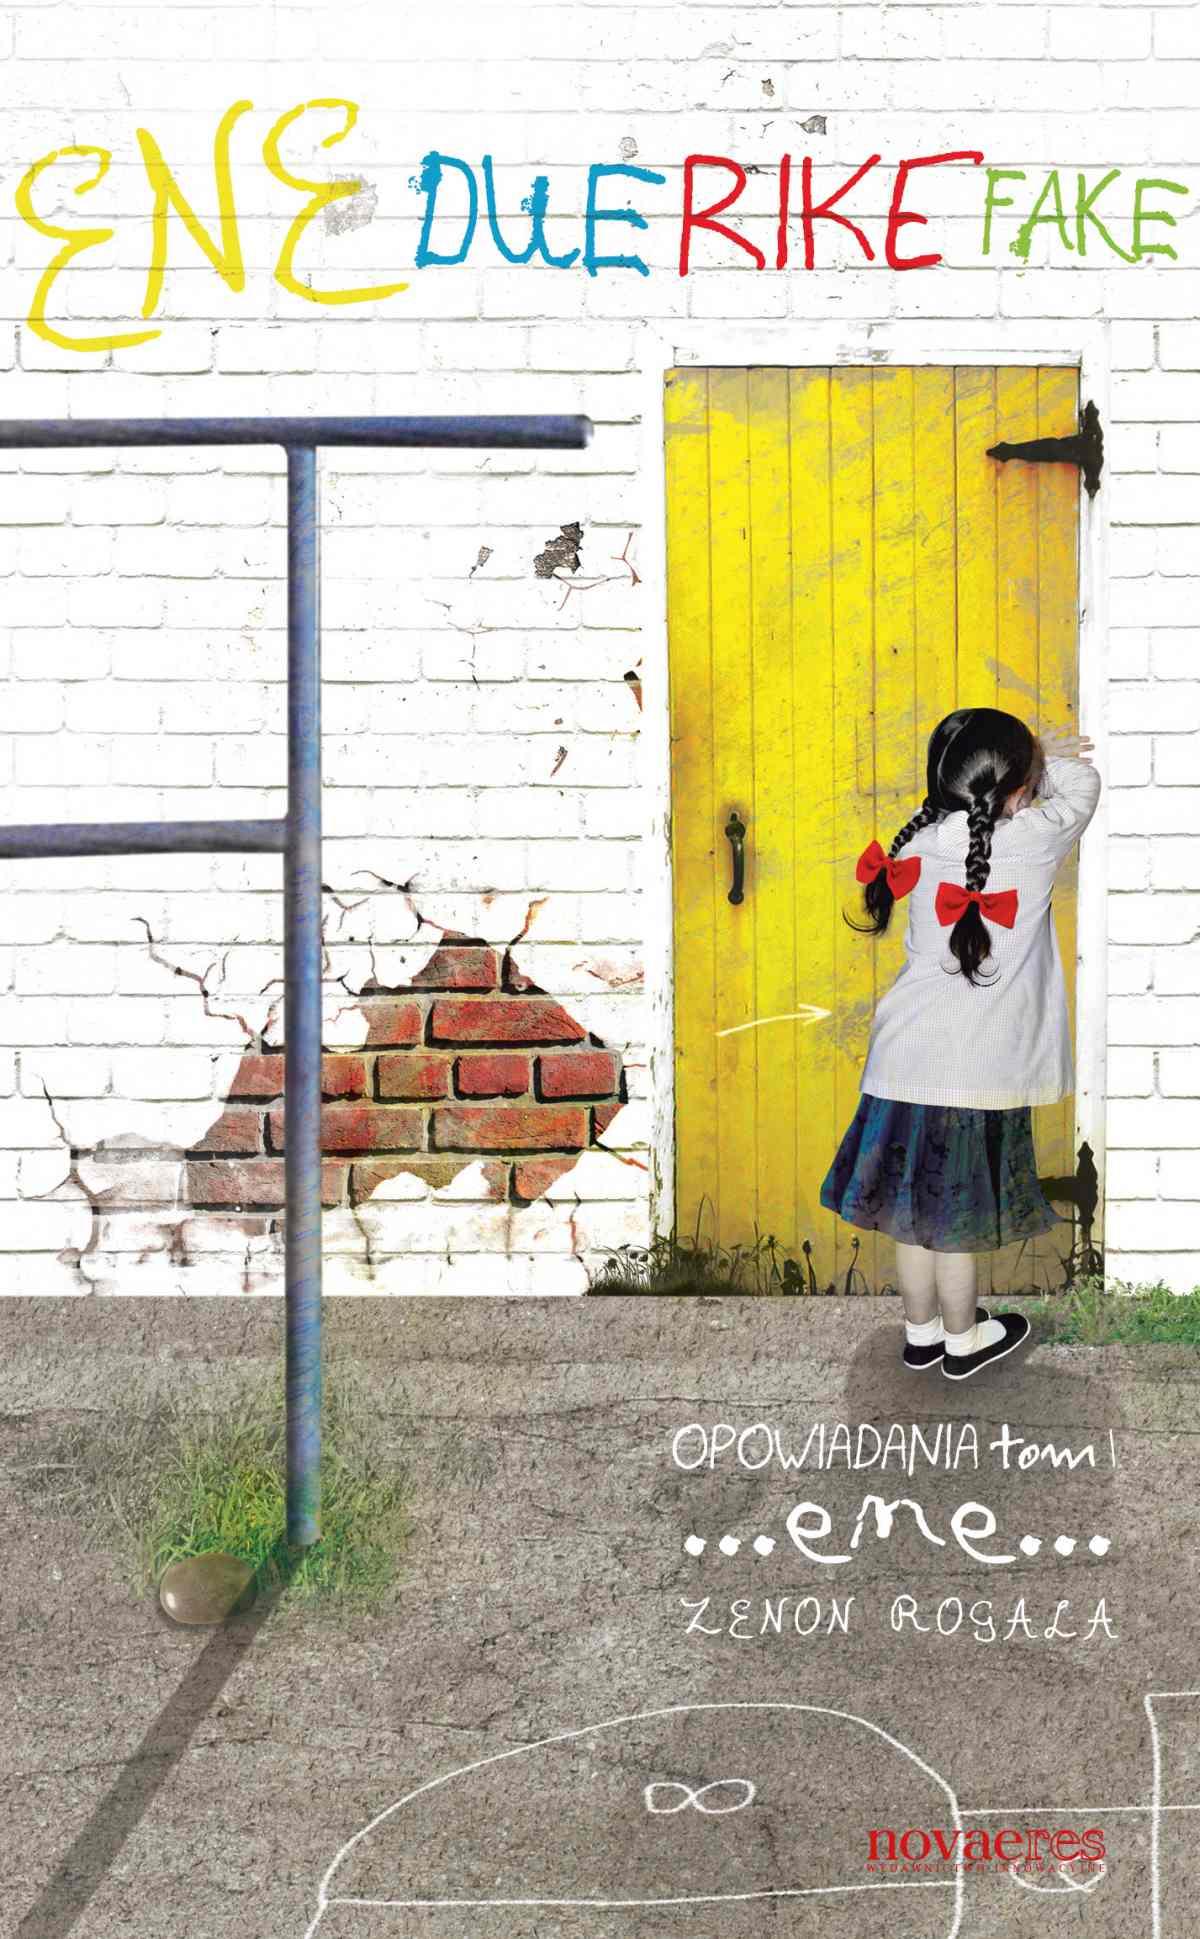 Ene. Opowiadania. Tom I - Ebook (Książka na Kindle) do pobrania w formacie MOBI